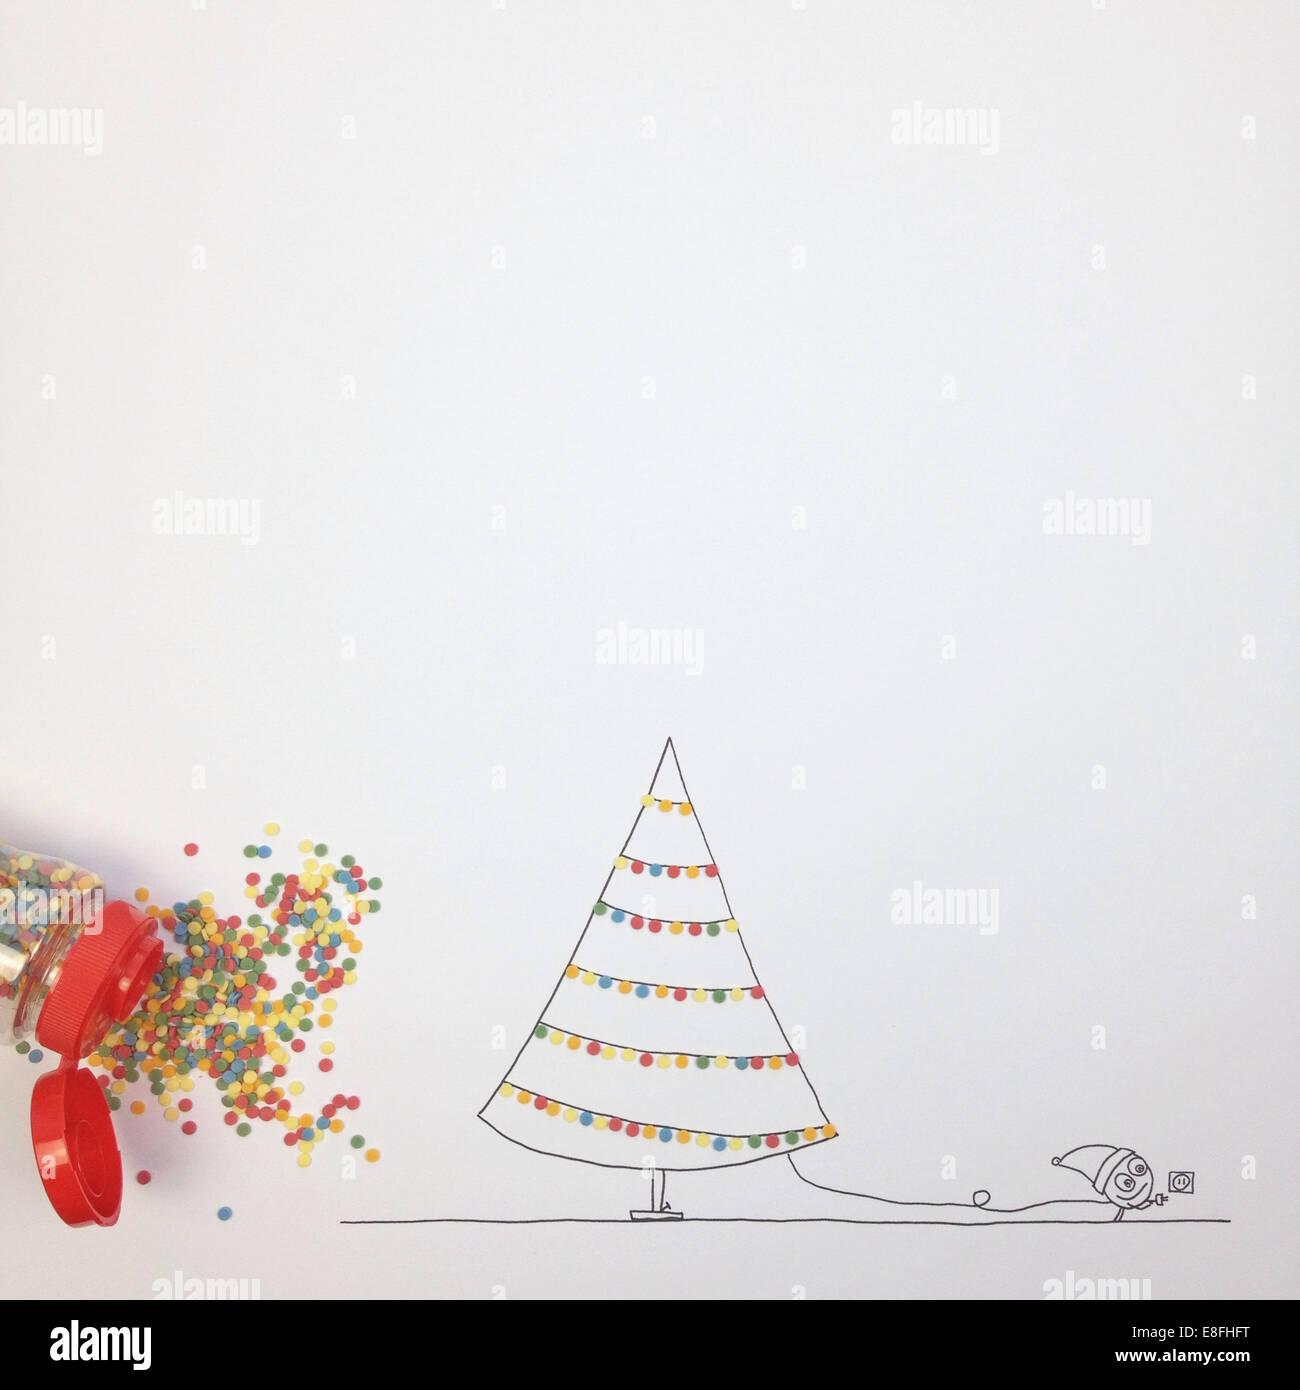 Konzeptionelle Fantasy Charakter schmücken Weihnachtsbaum mit Lichterketten Stockbild